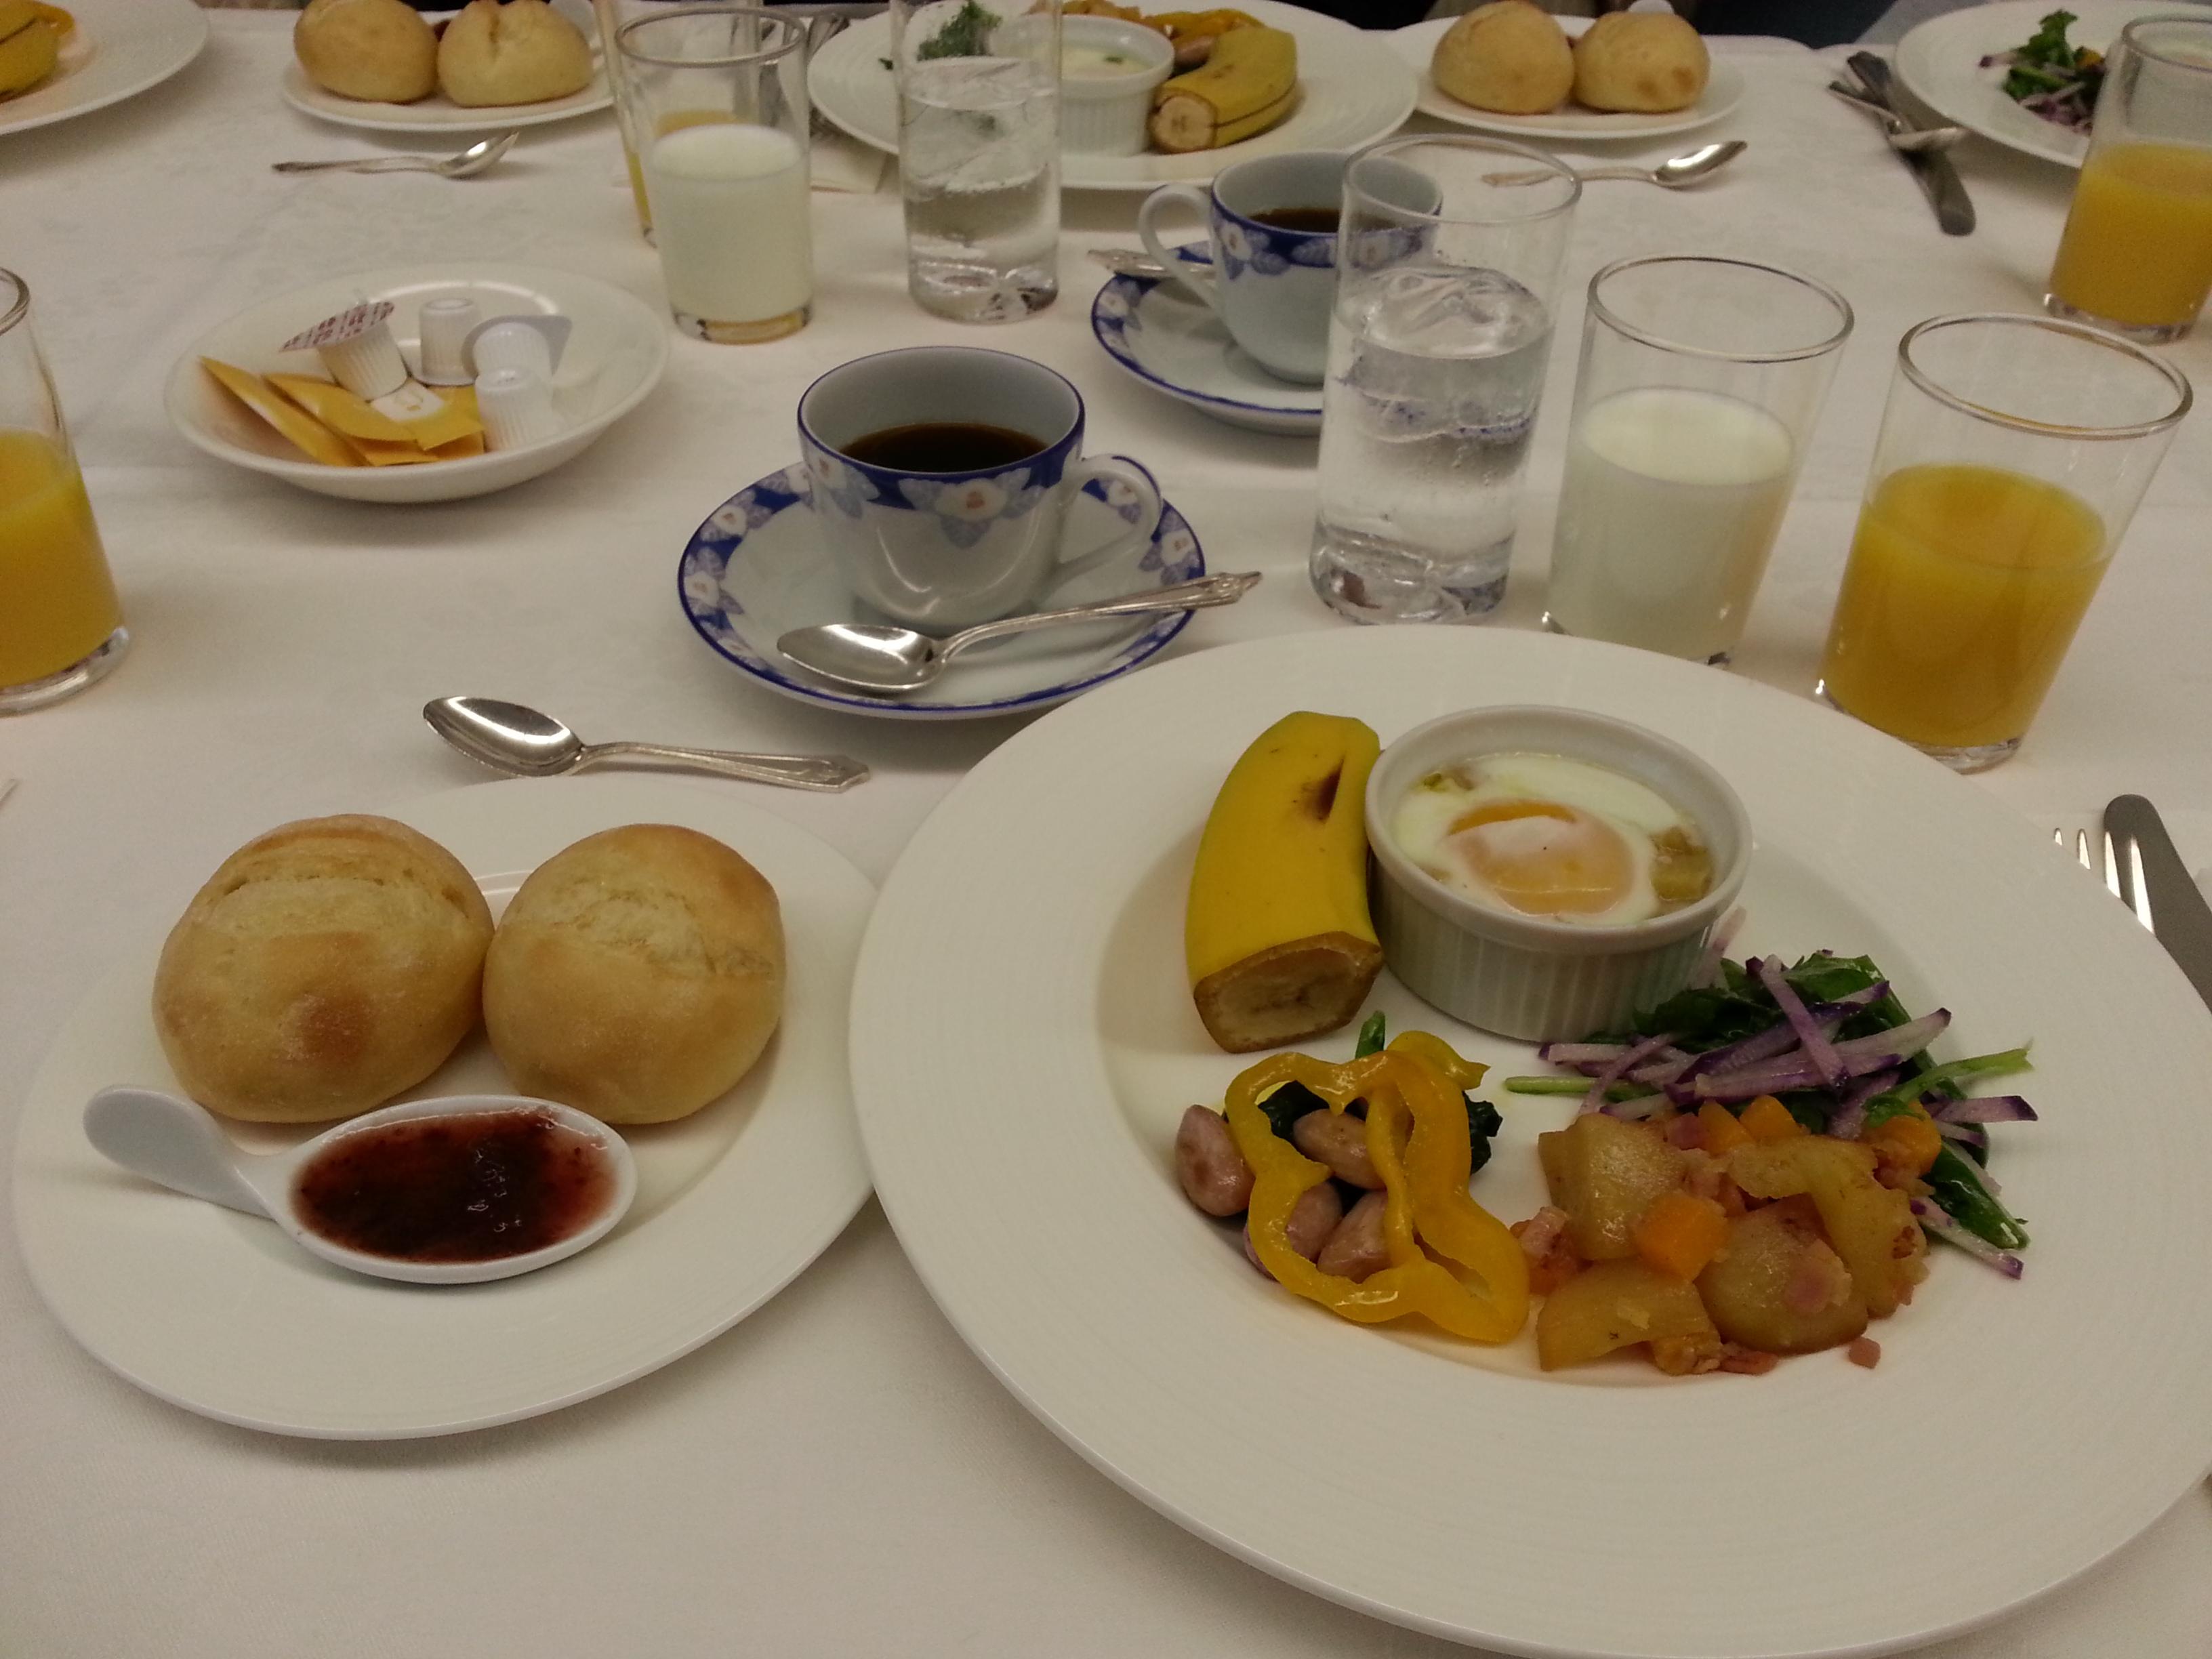 セブン&アイHDの伊藤順朗常務が講演、第16回エシカル朝食会